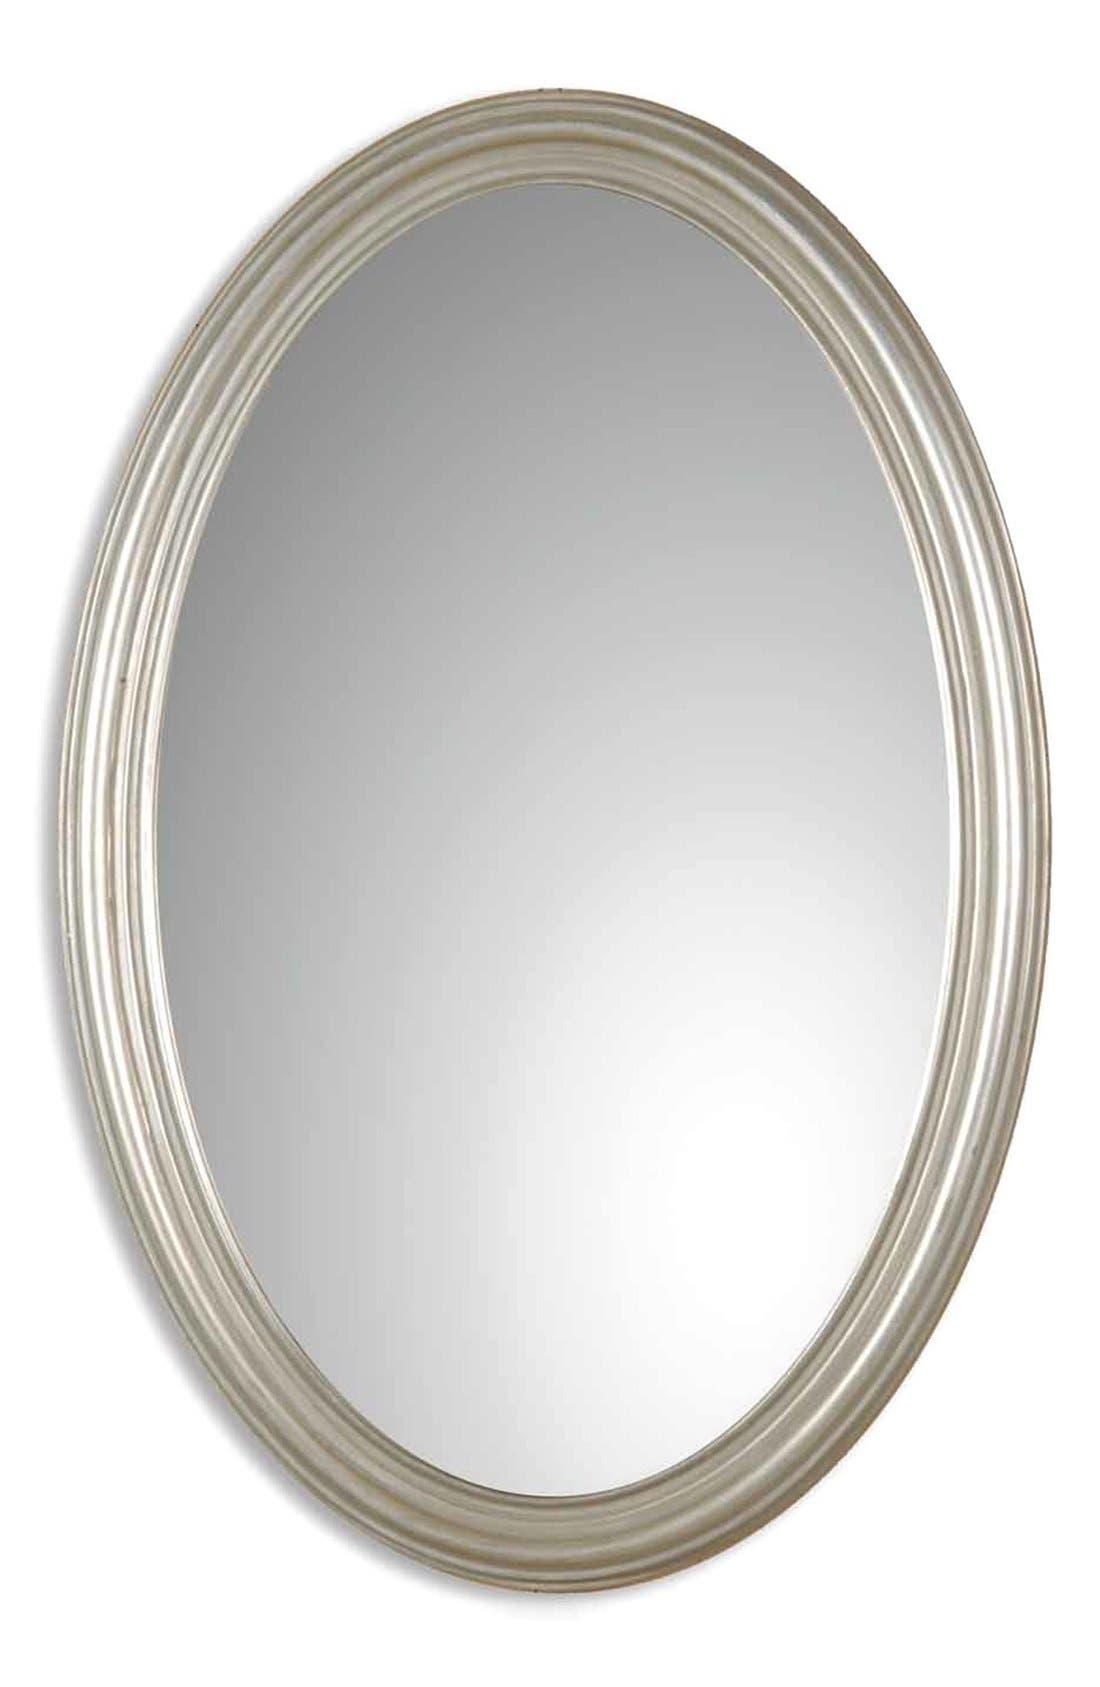 'Franklin' Wall Mirror,                         Main,                         color, Silver